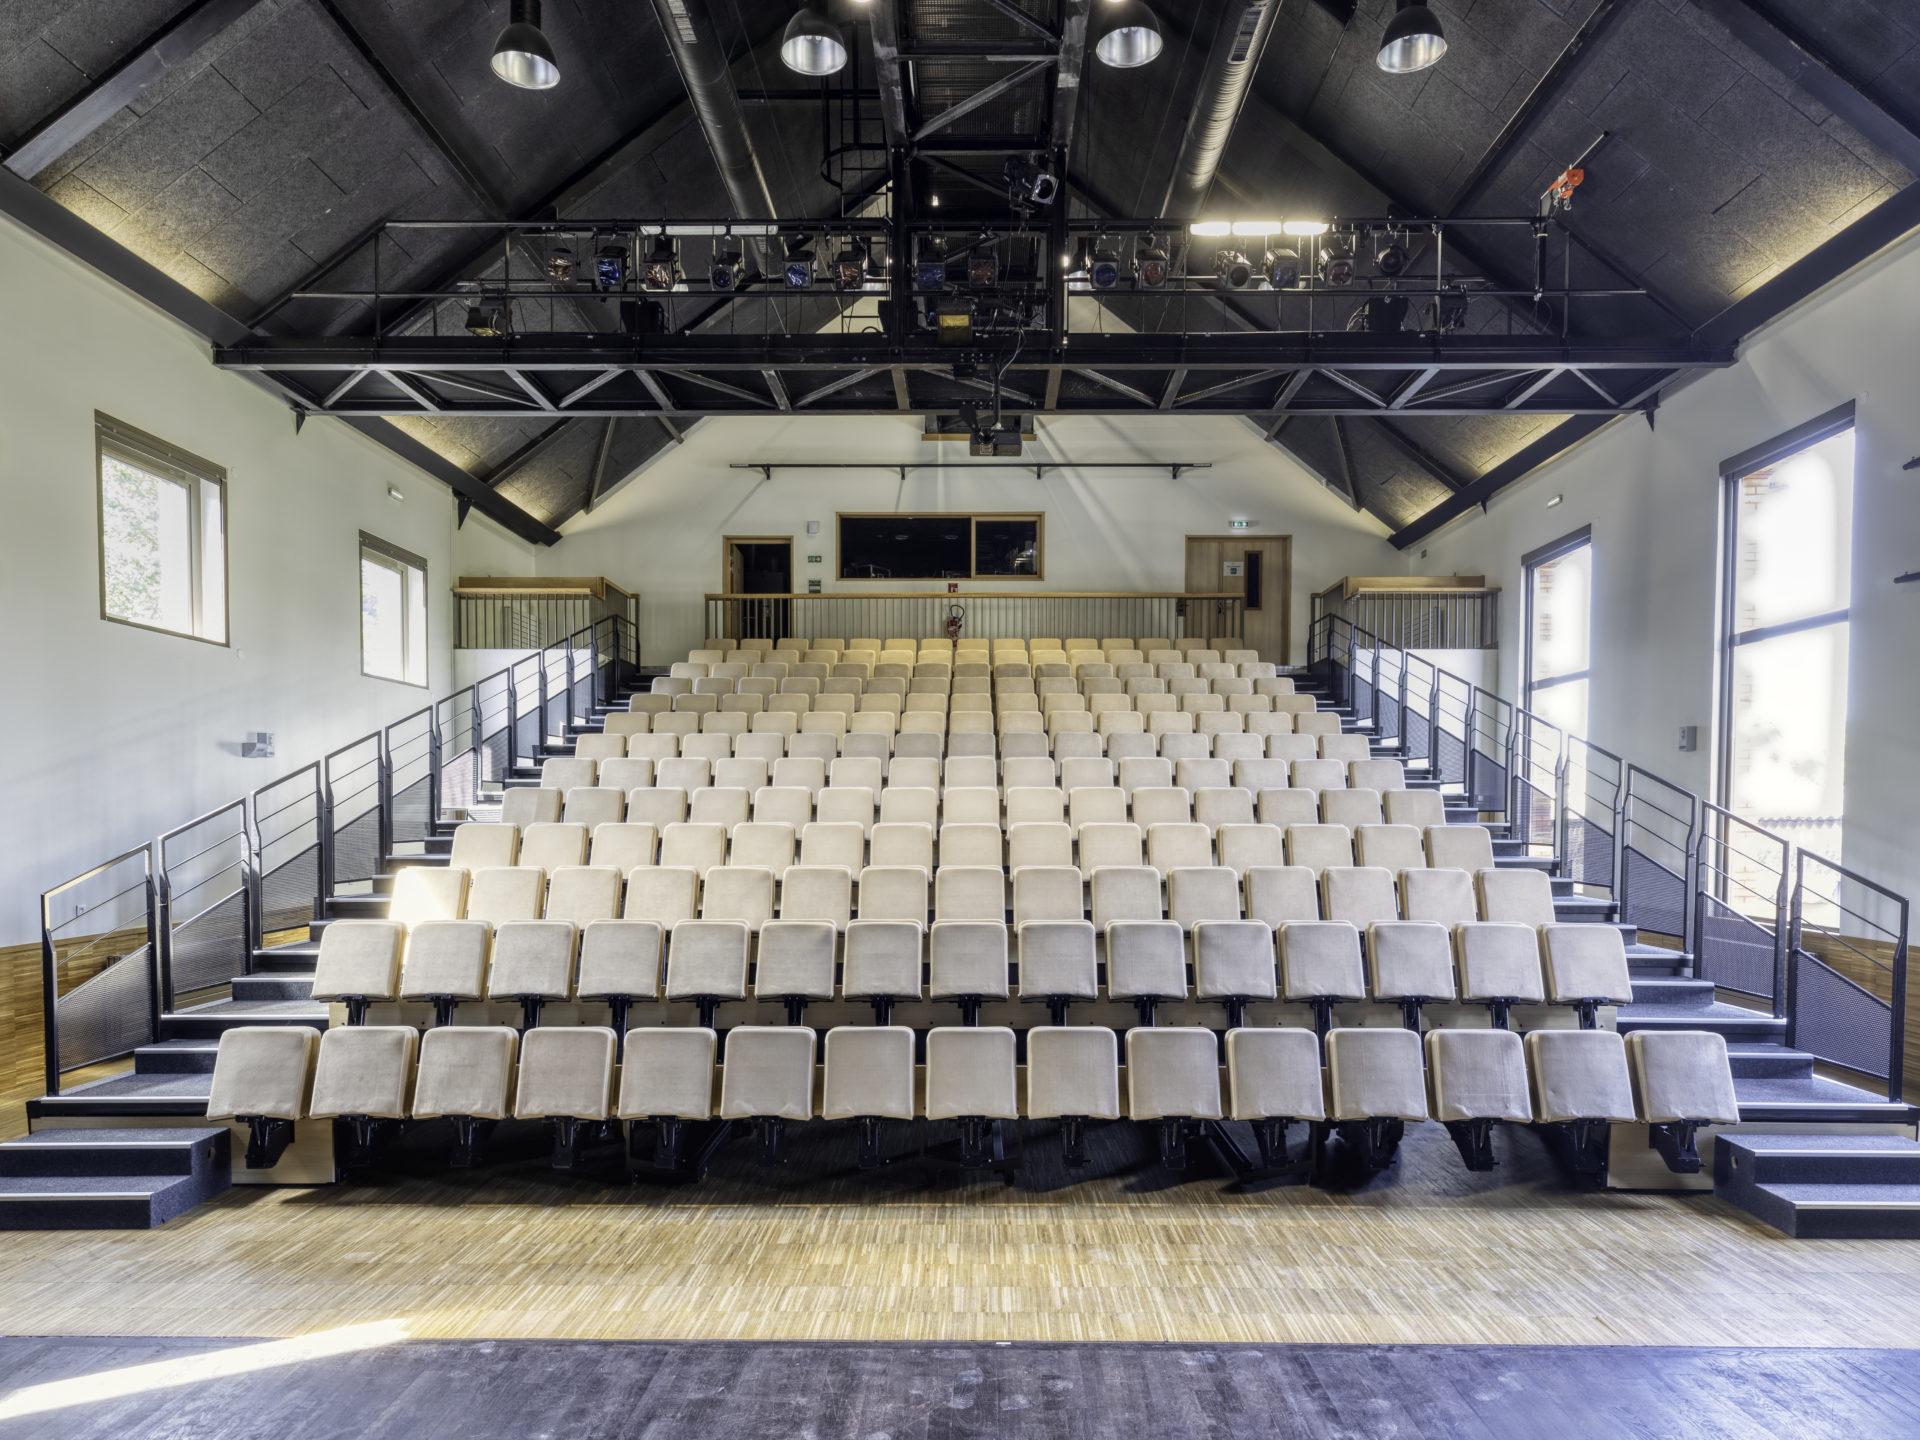 Salle Michel Valléry Montivilliers©Jacques Basile (2)